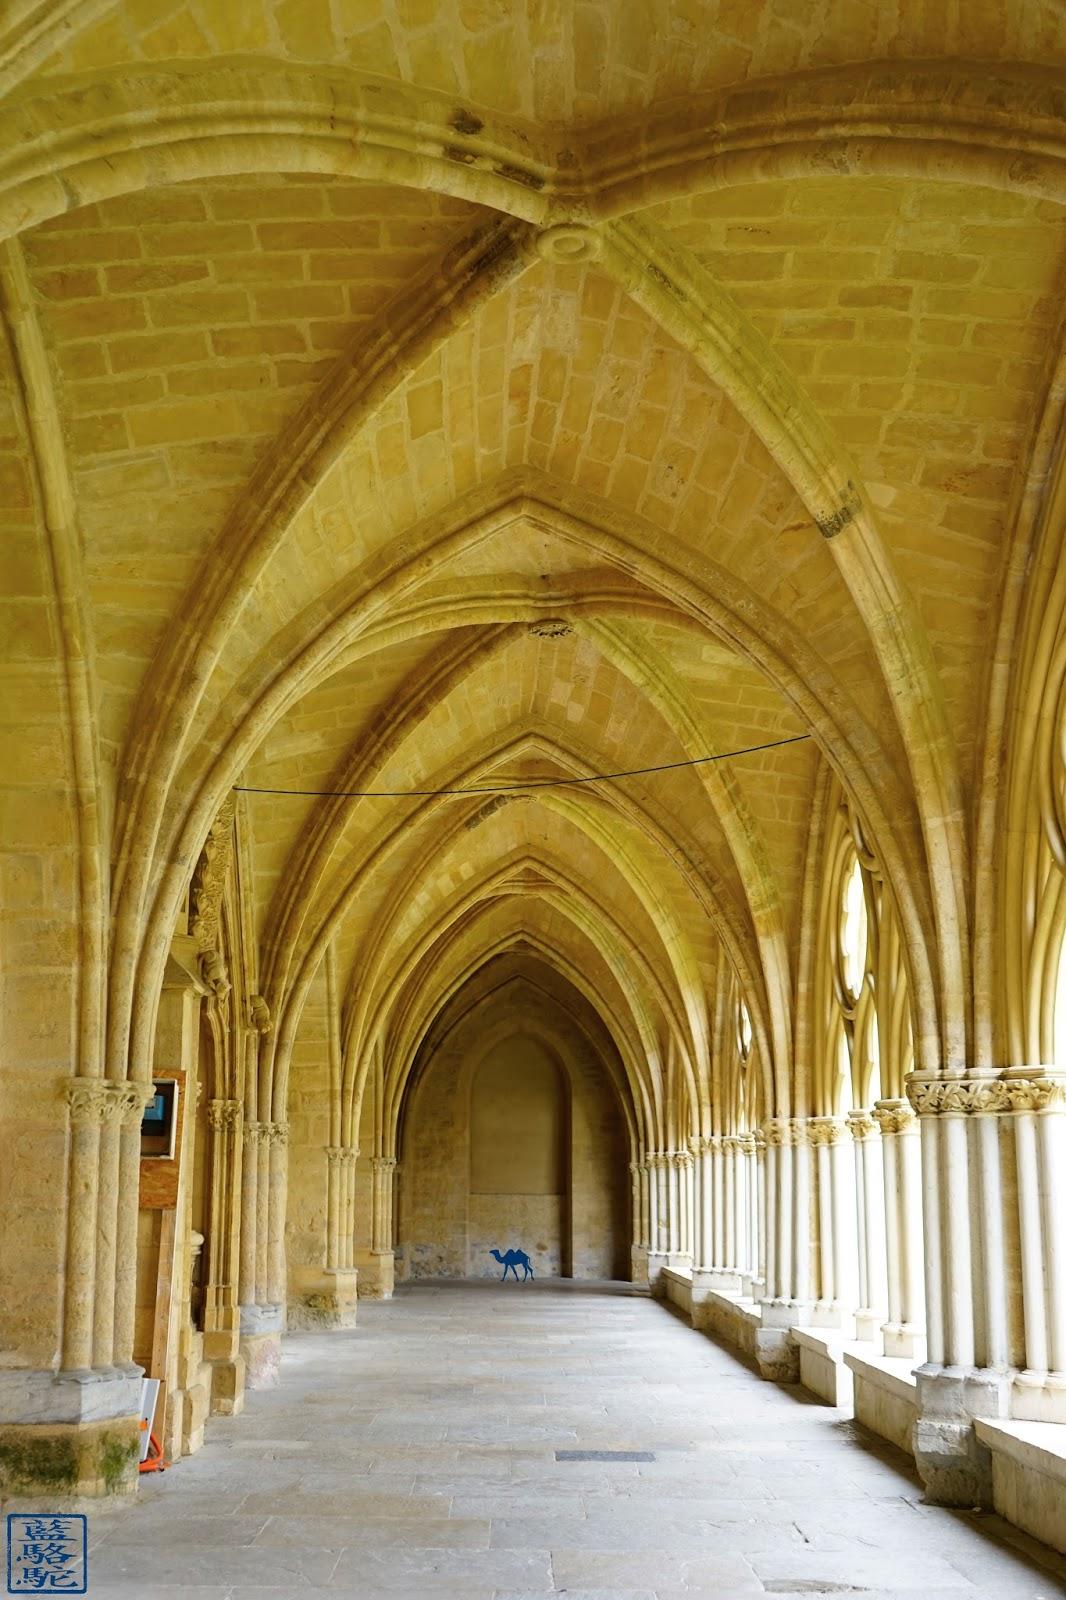 Le Chameau Bleu - Blog Voyage Bayonne France - Cloitre de la Cathédrale Sainte Marie à Bayonne